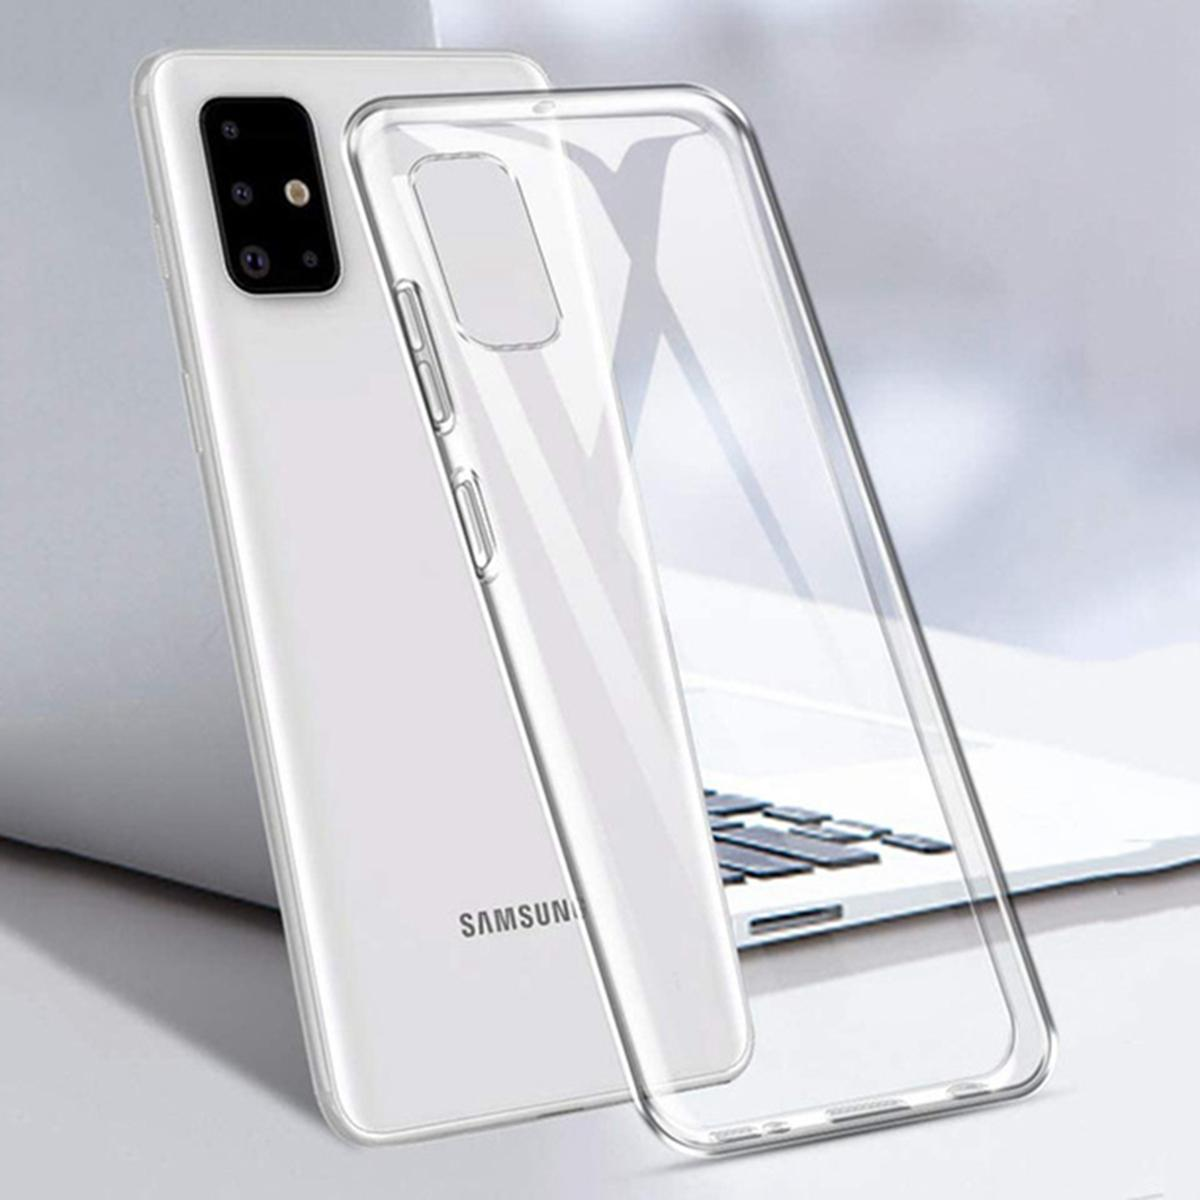 Для Samsung Galaxy S21 Ultra 5G S21 + прозрачный мягкий силиконовый чехол TPU задняя крышка без пожелтения для NOTE20 Ultra S20 + Huawei Mate40 Pro + P40